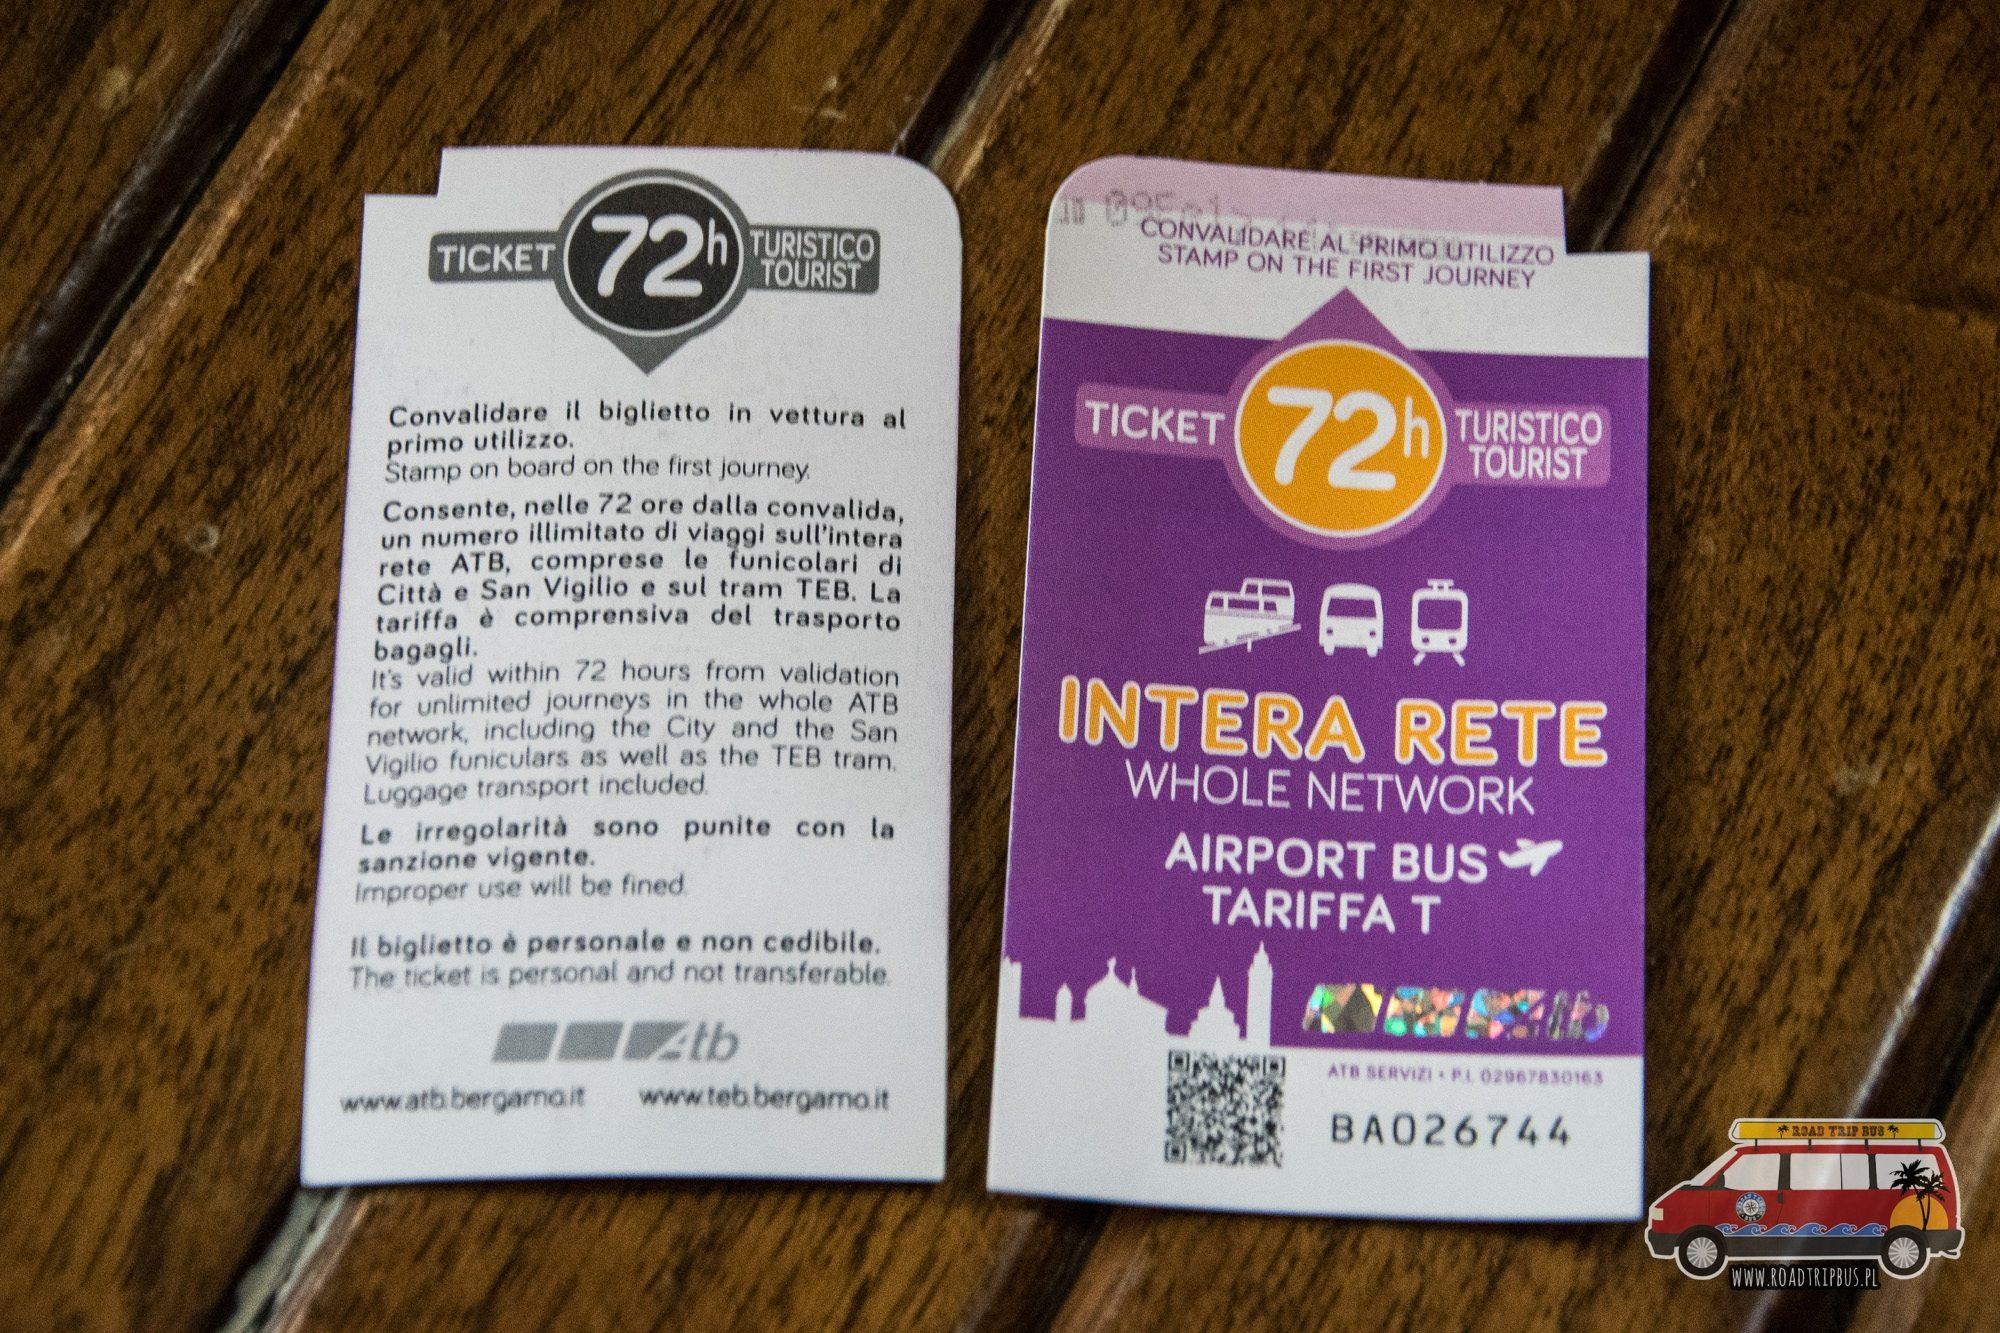 bilety komunikacja bergamo